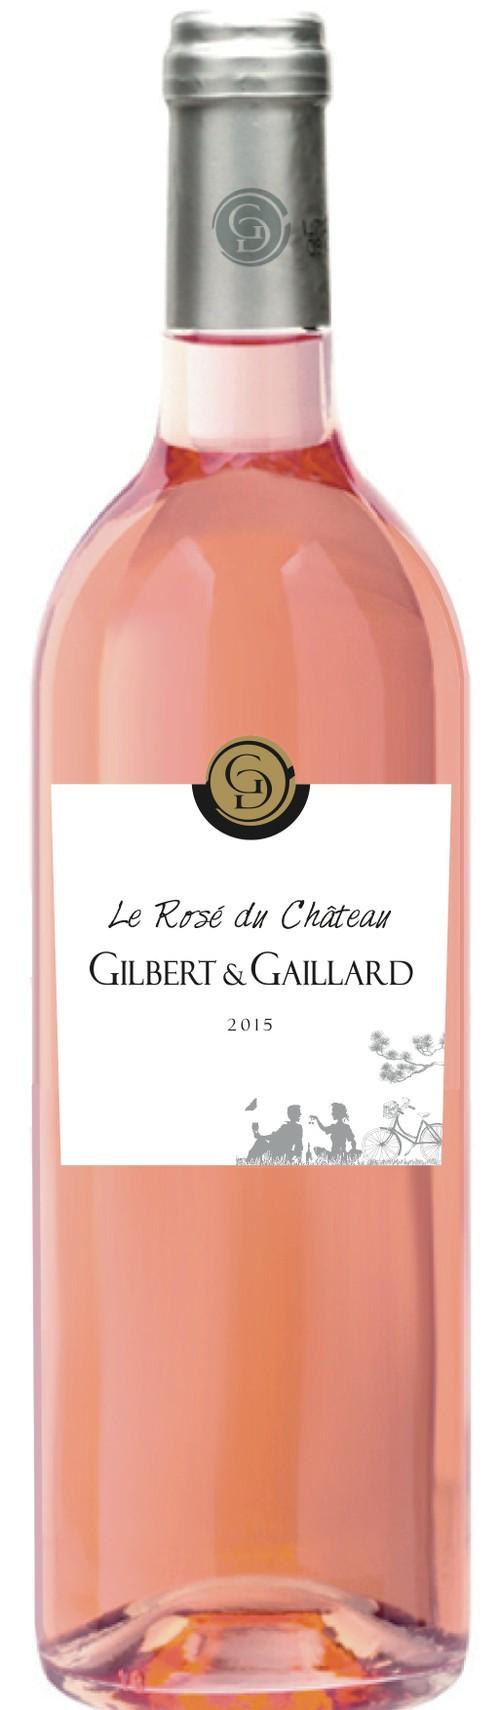 Château Gilbert & Gaillard - Le Rosé - AOC Saint-chinian